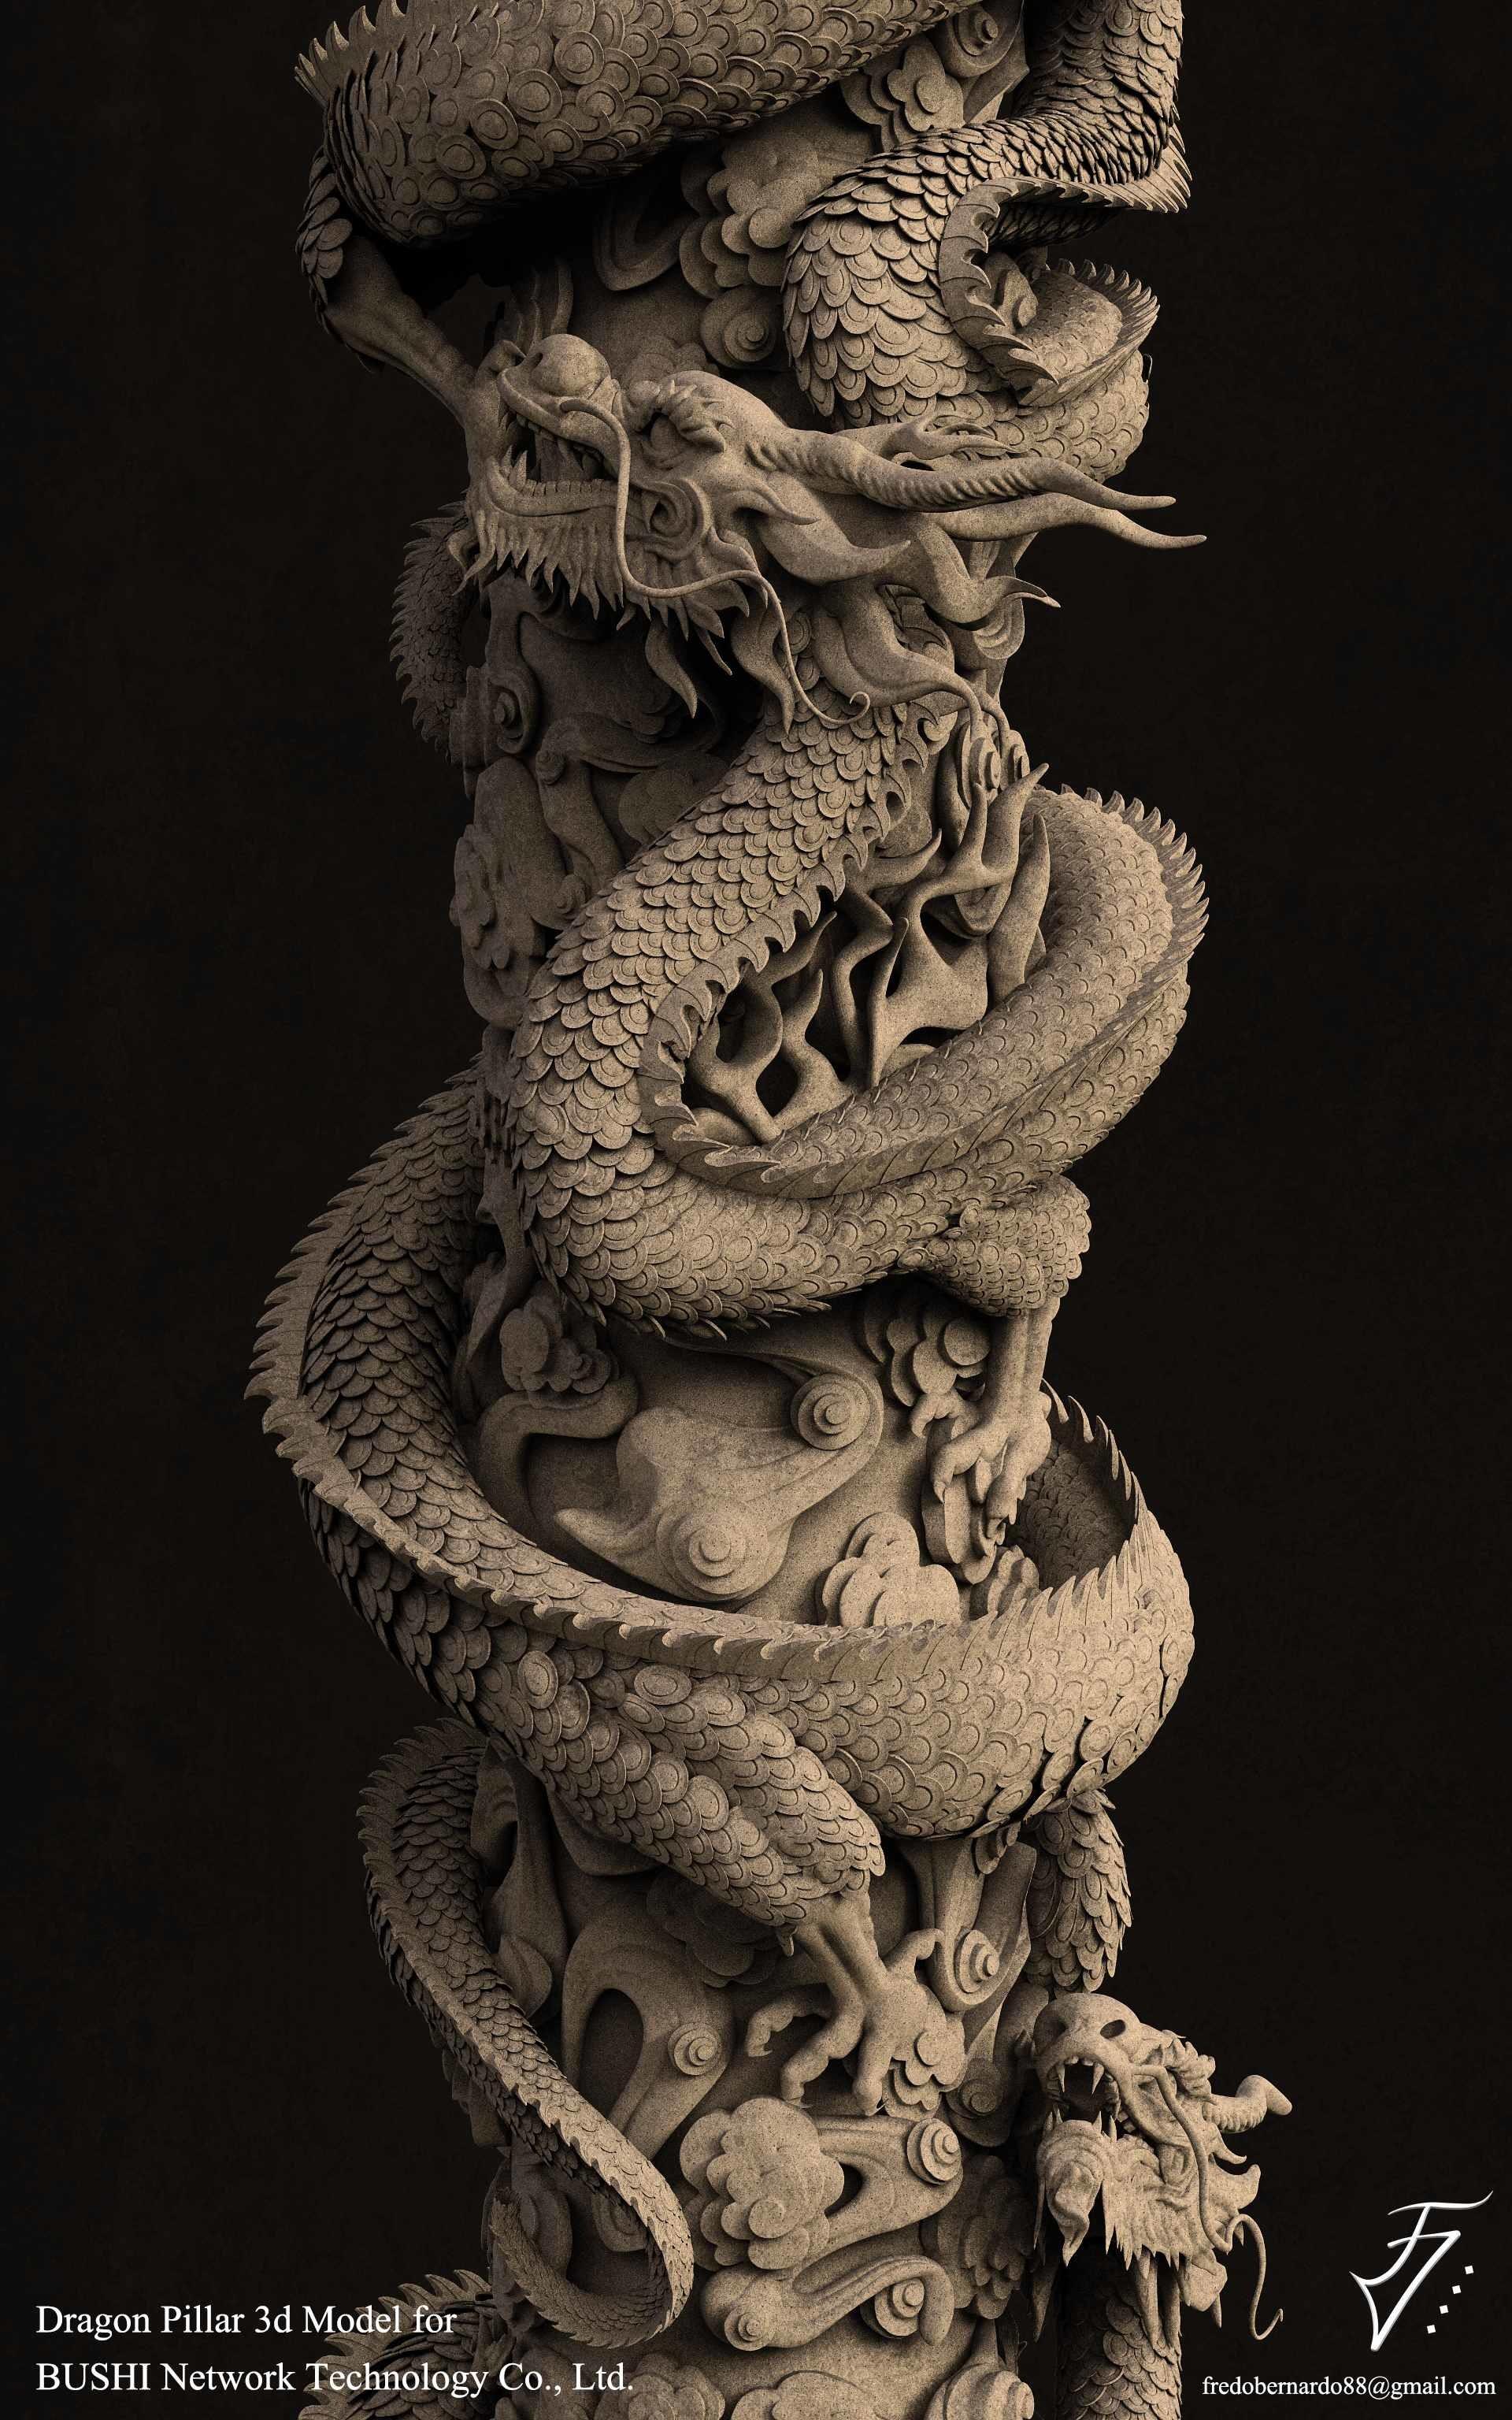 Fredo viktor dragonpillar01 fin